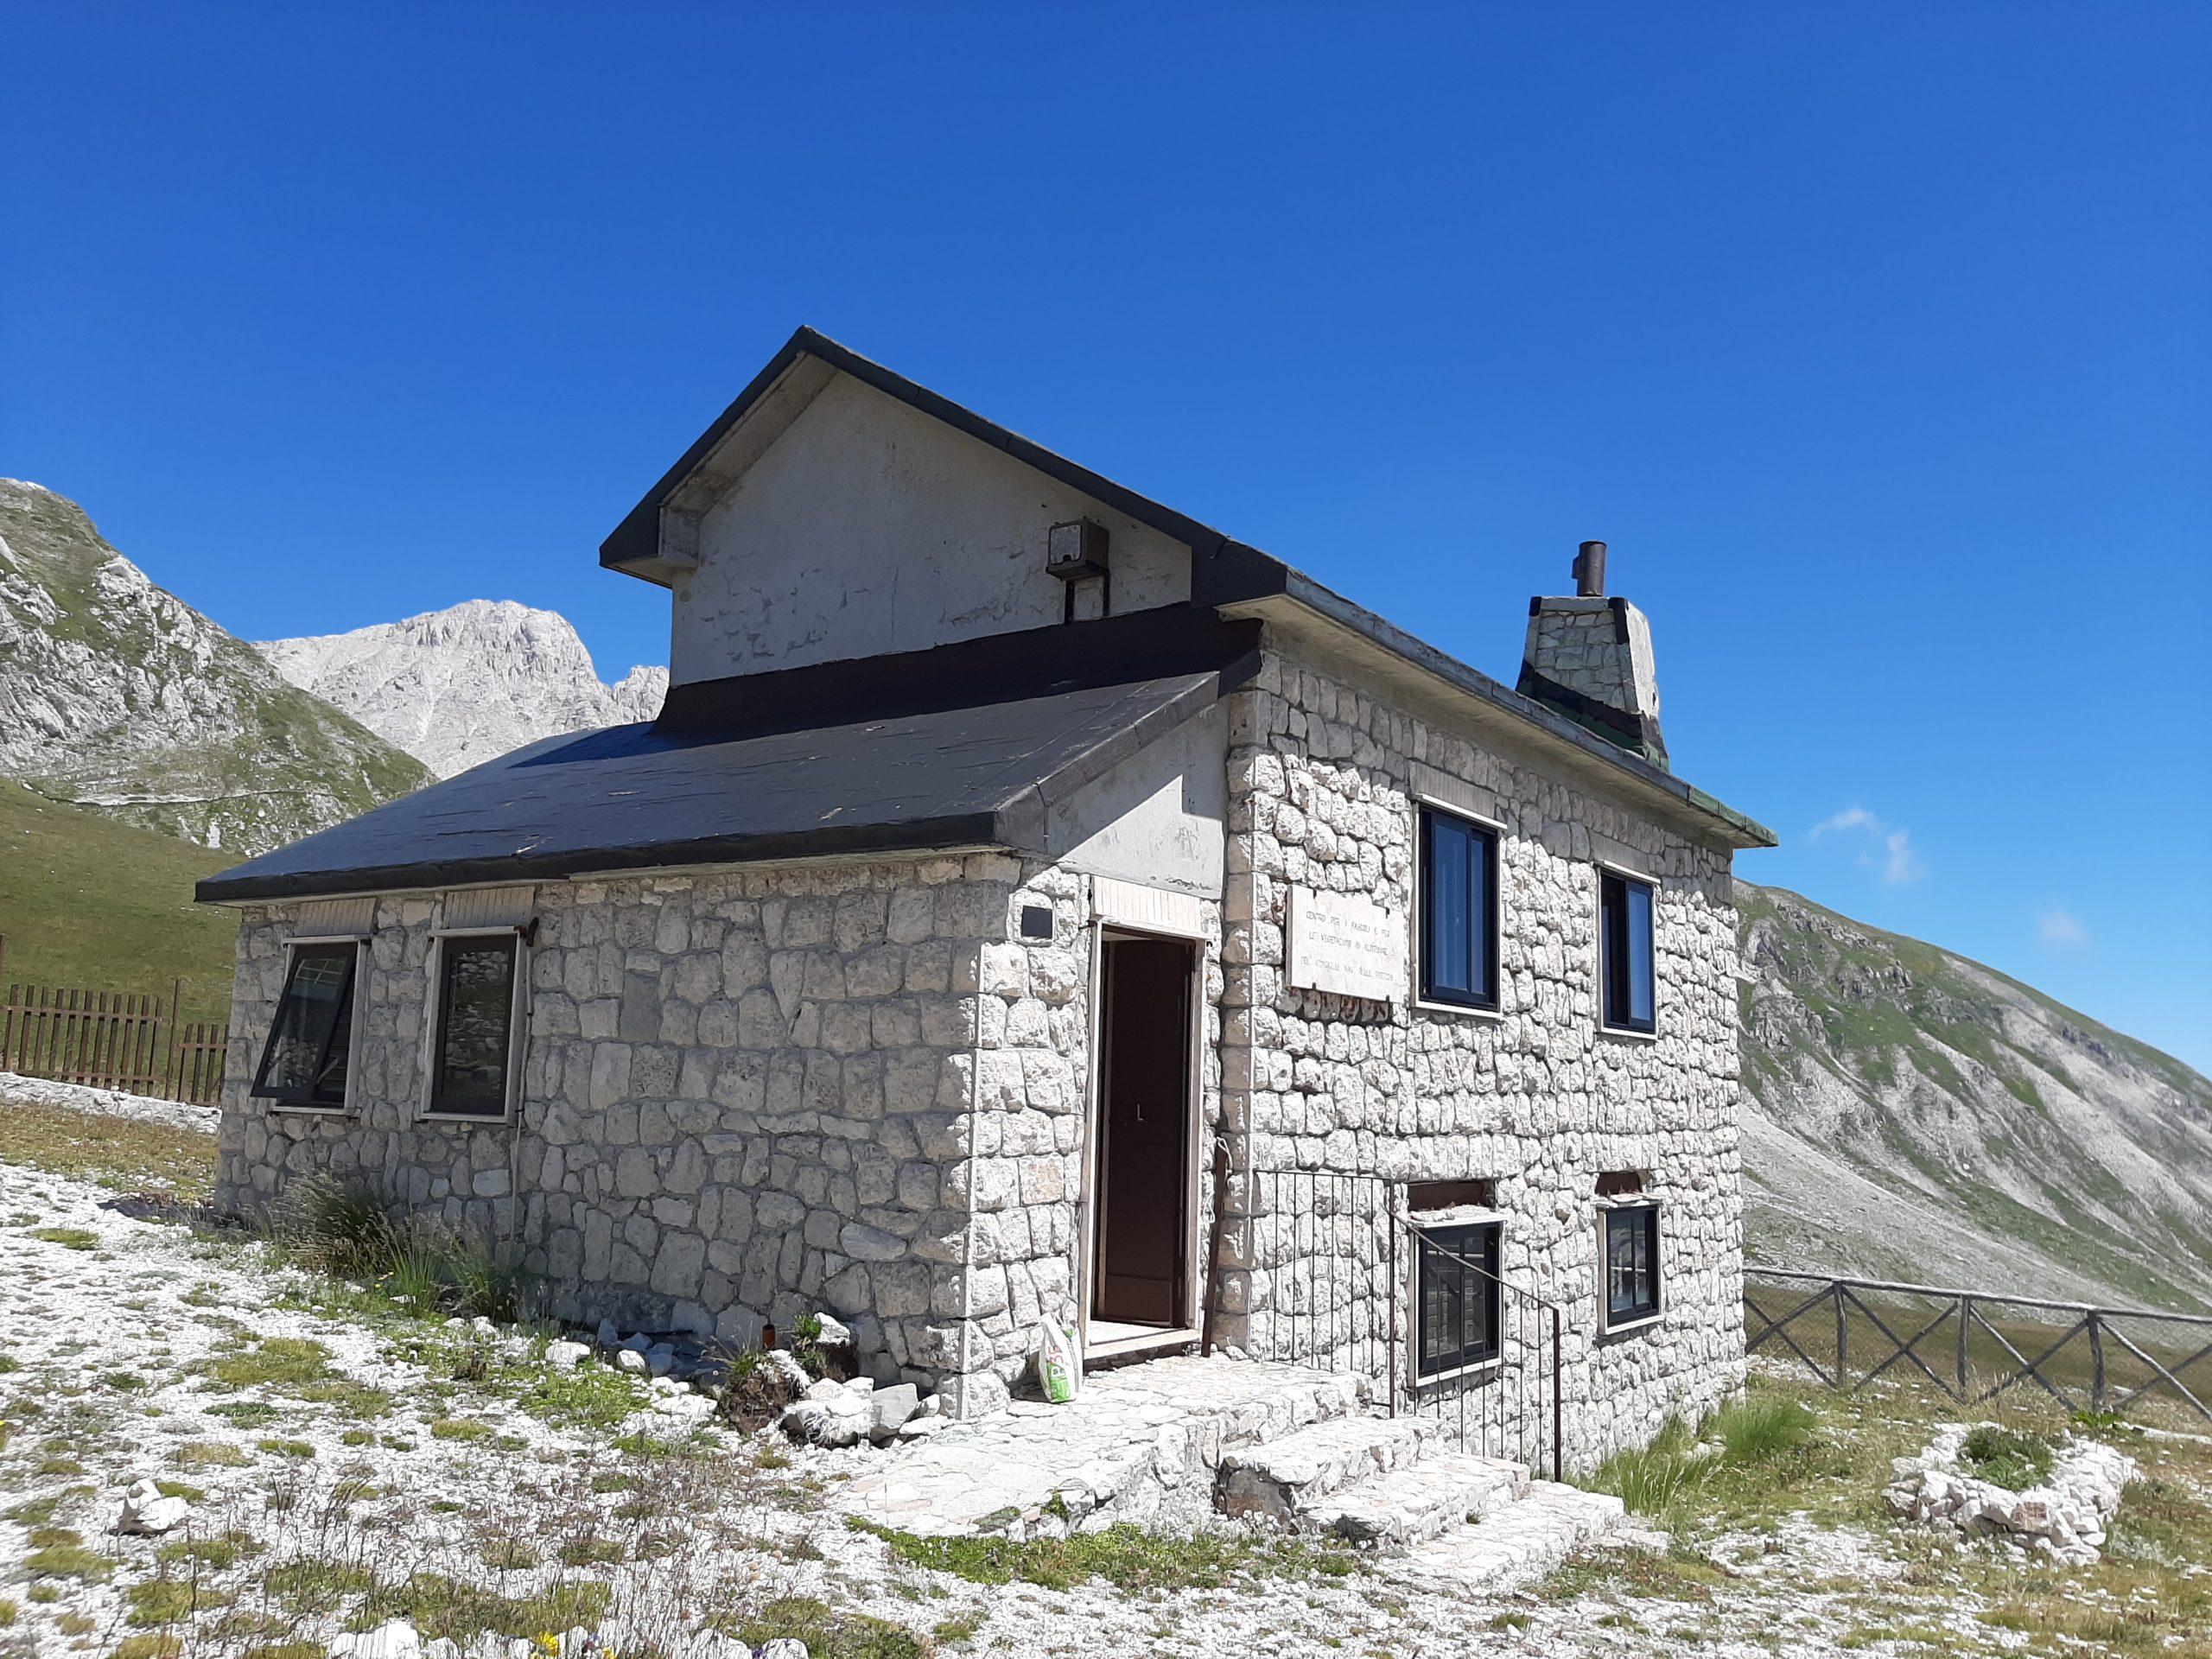 1° Classificato – Edificio Giardino Botanico Alpino a Campo Imperatore (Gran Sasso) – AQ